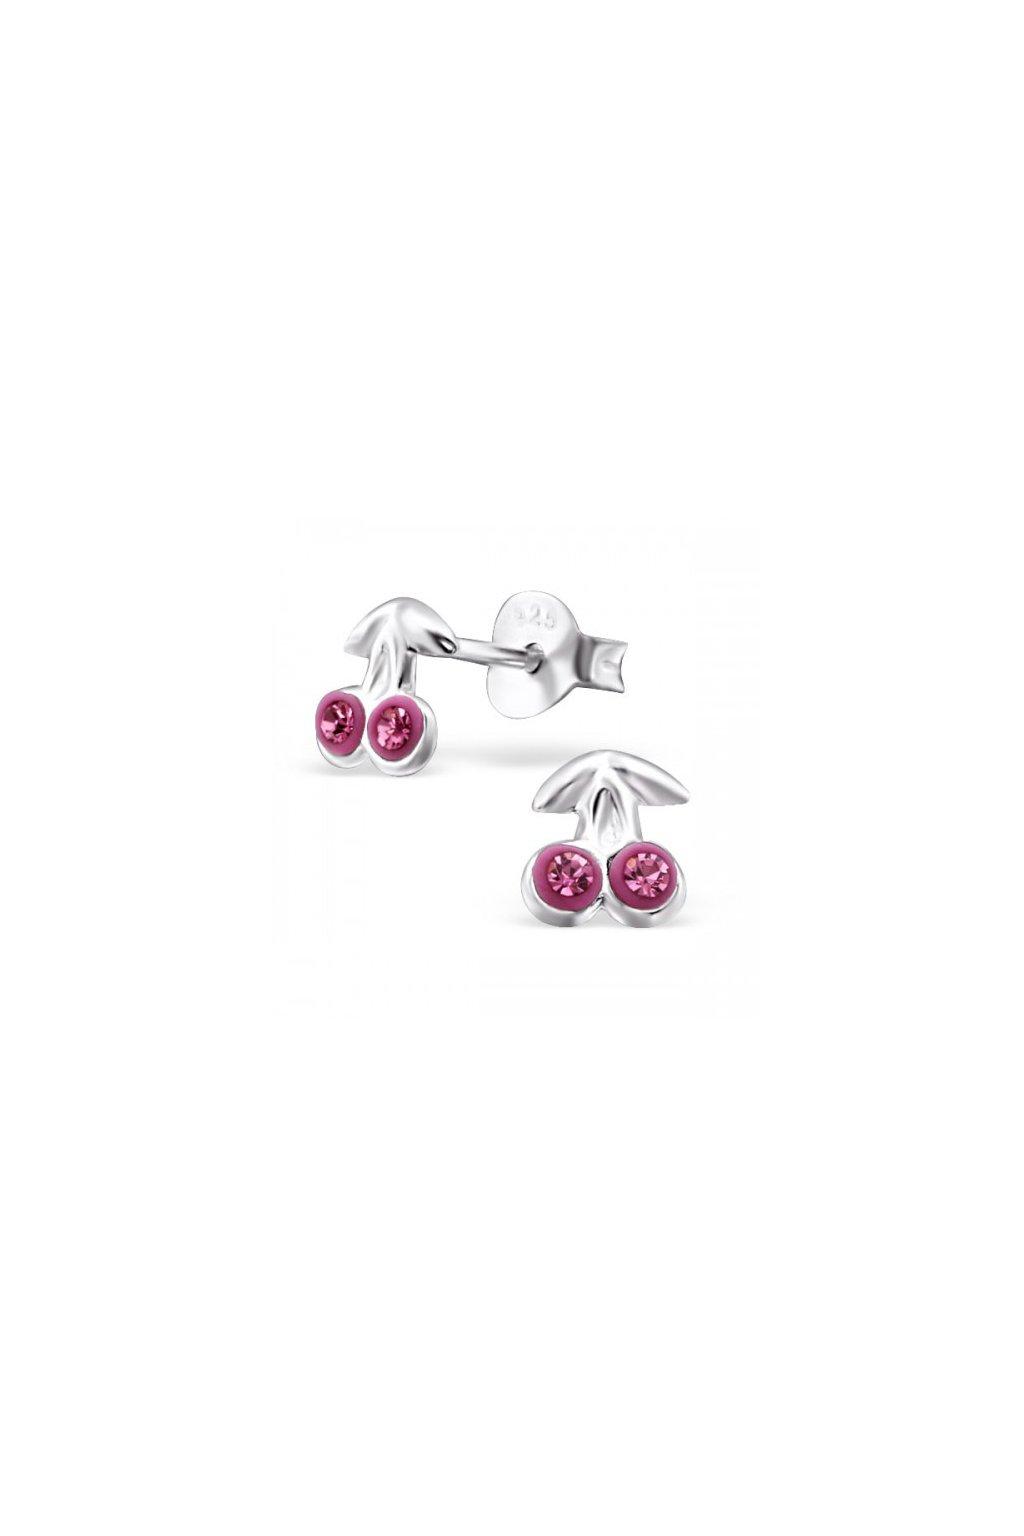 Strieborné náušnice čerešne - 925 cz ružový siam MS21899